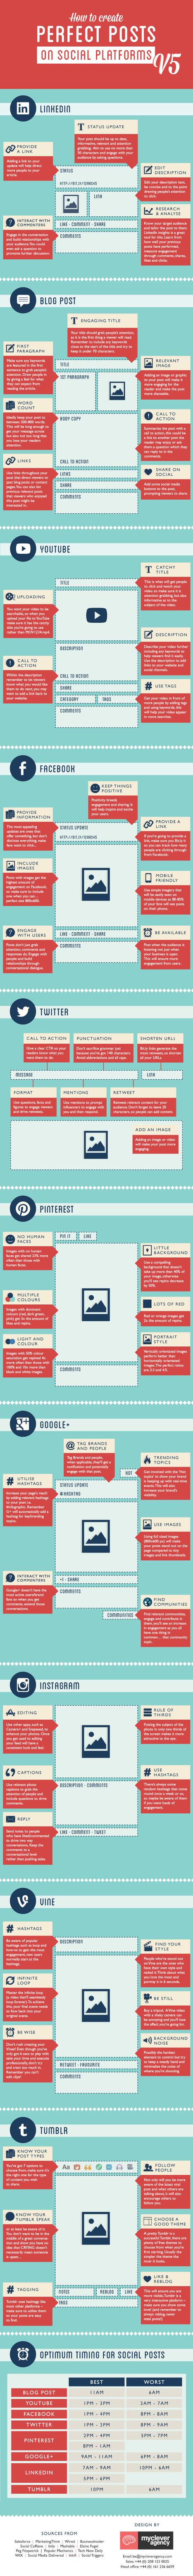 Social media : The perfect check list - BtoBMarketers.fr | ADN des Réseaux Sociaux | Scoop.it